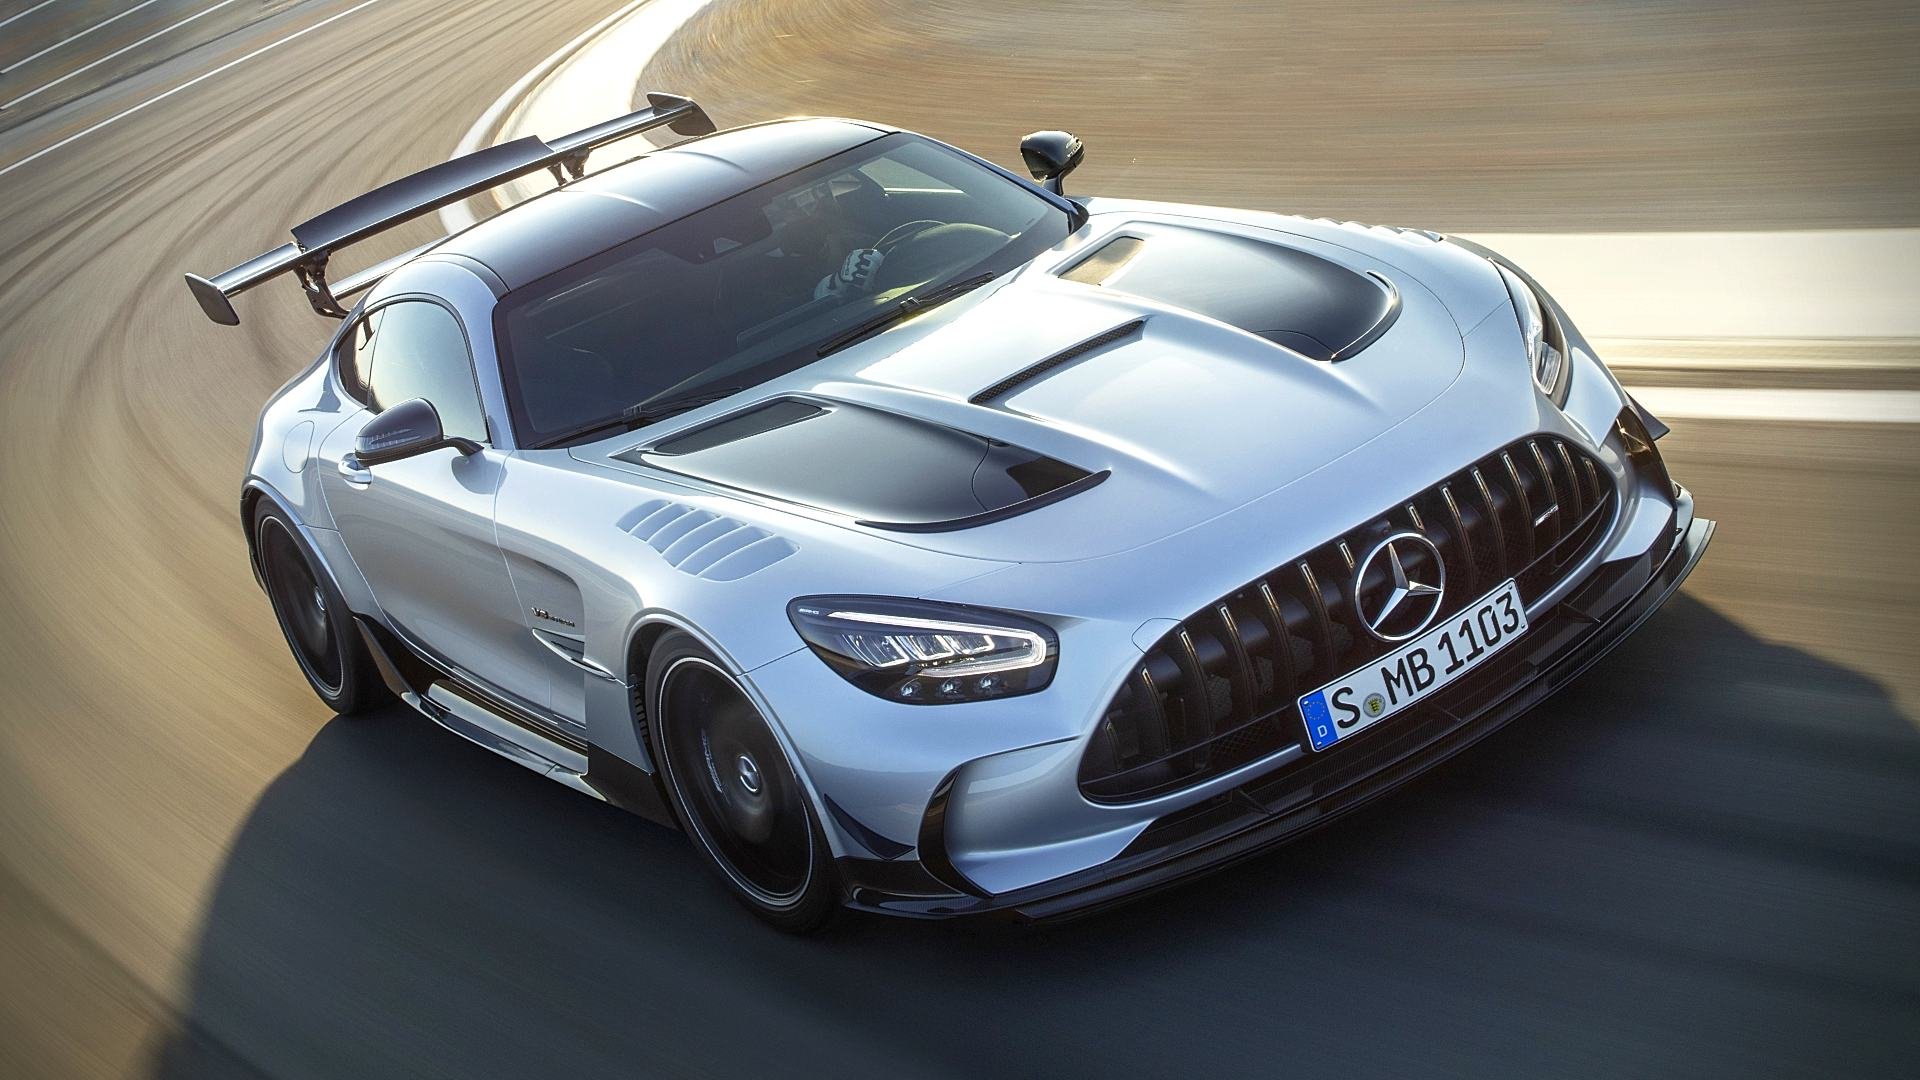 2021 Mercedes Supercar AMG GT Wallpaper